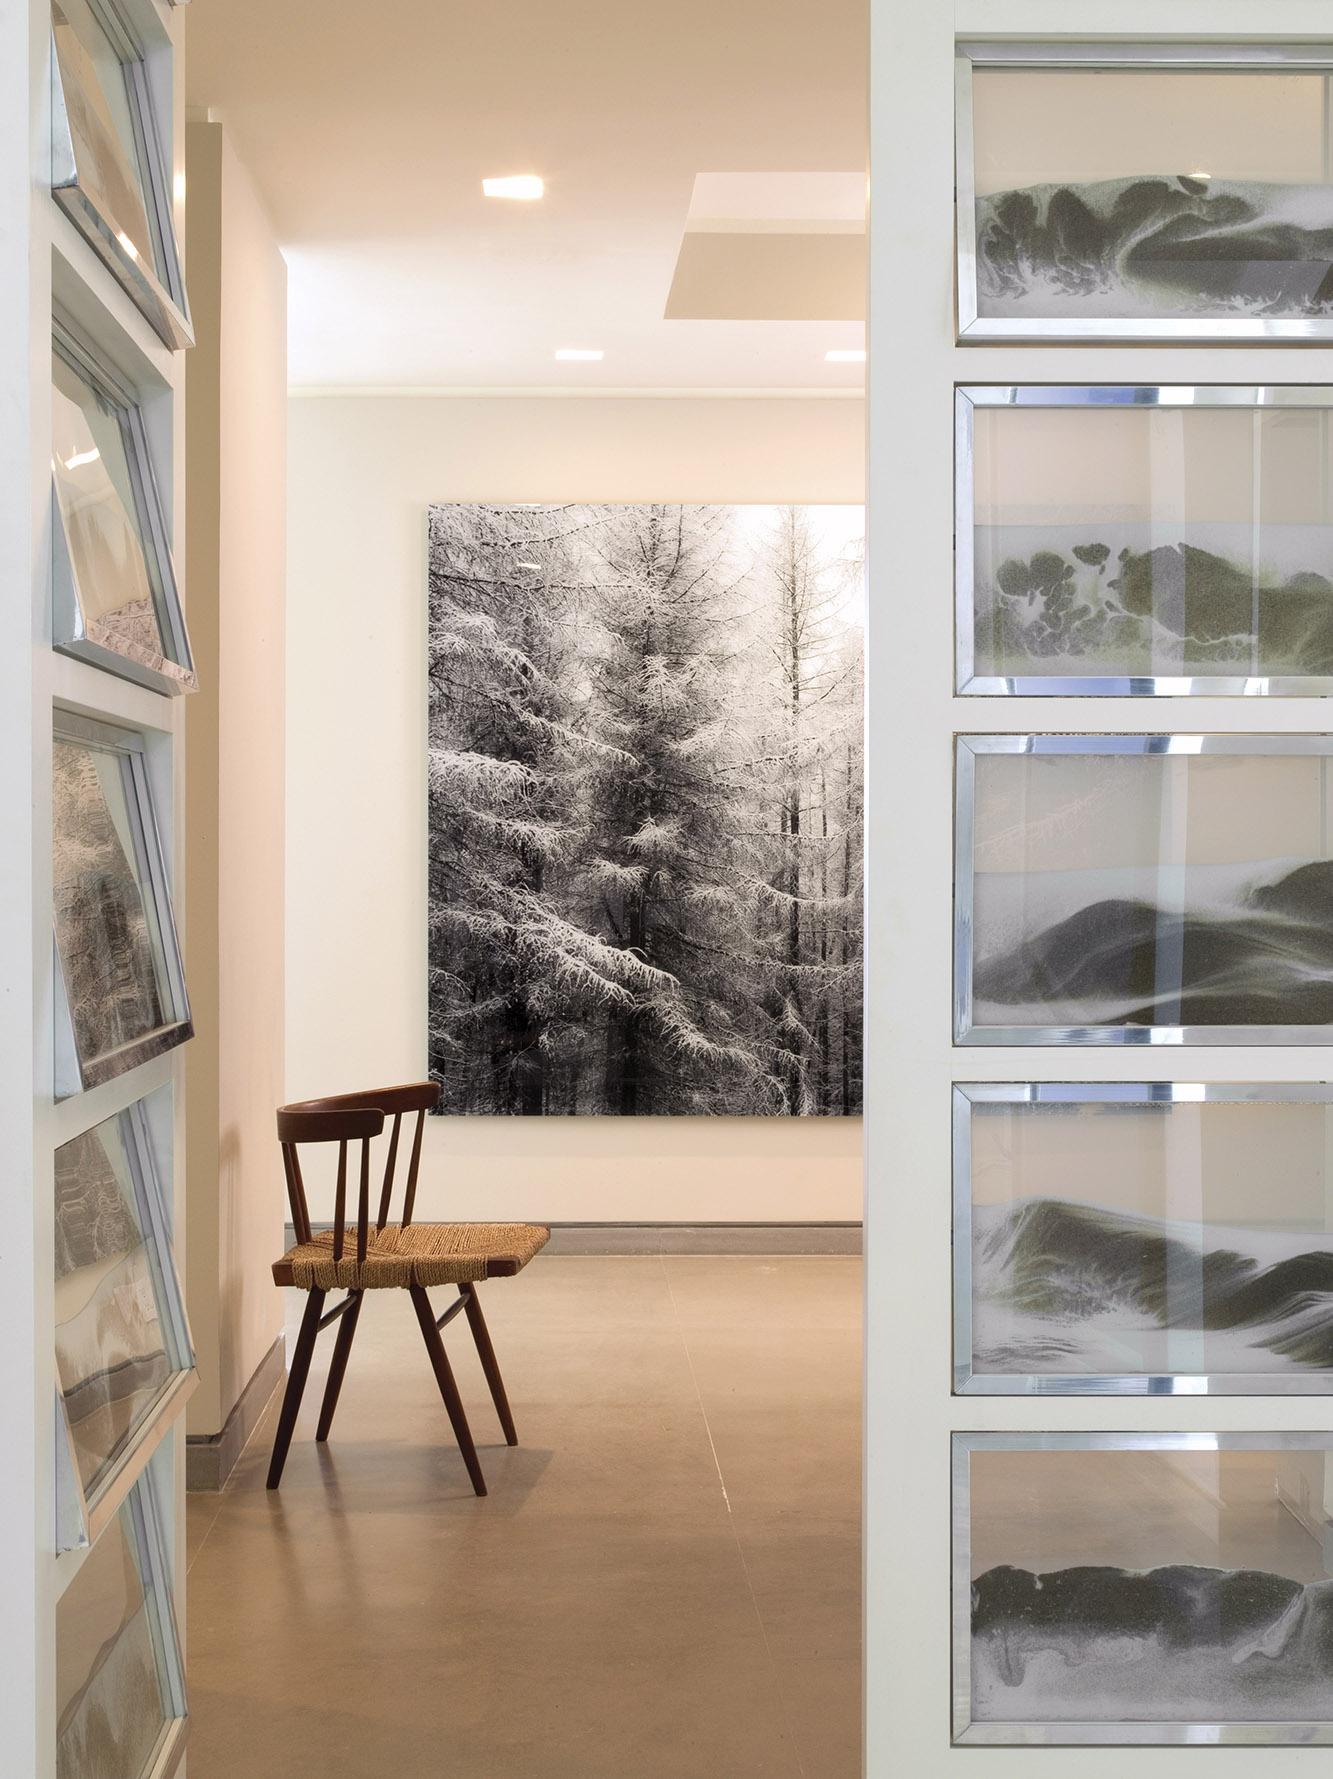 luis-pons-design-miami-interior-architecture_6.jpg